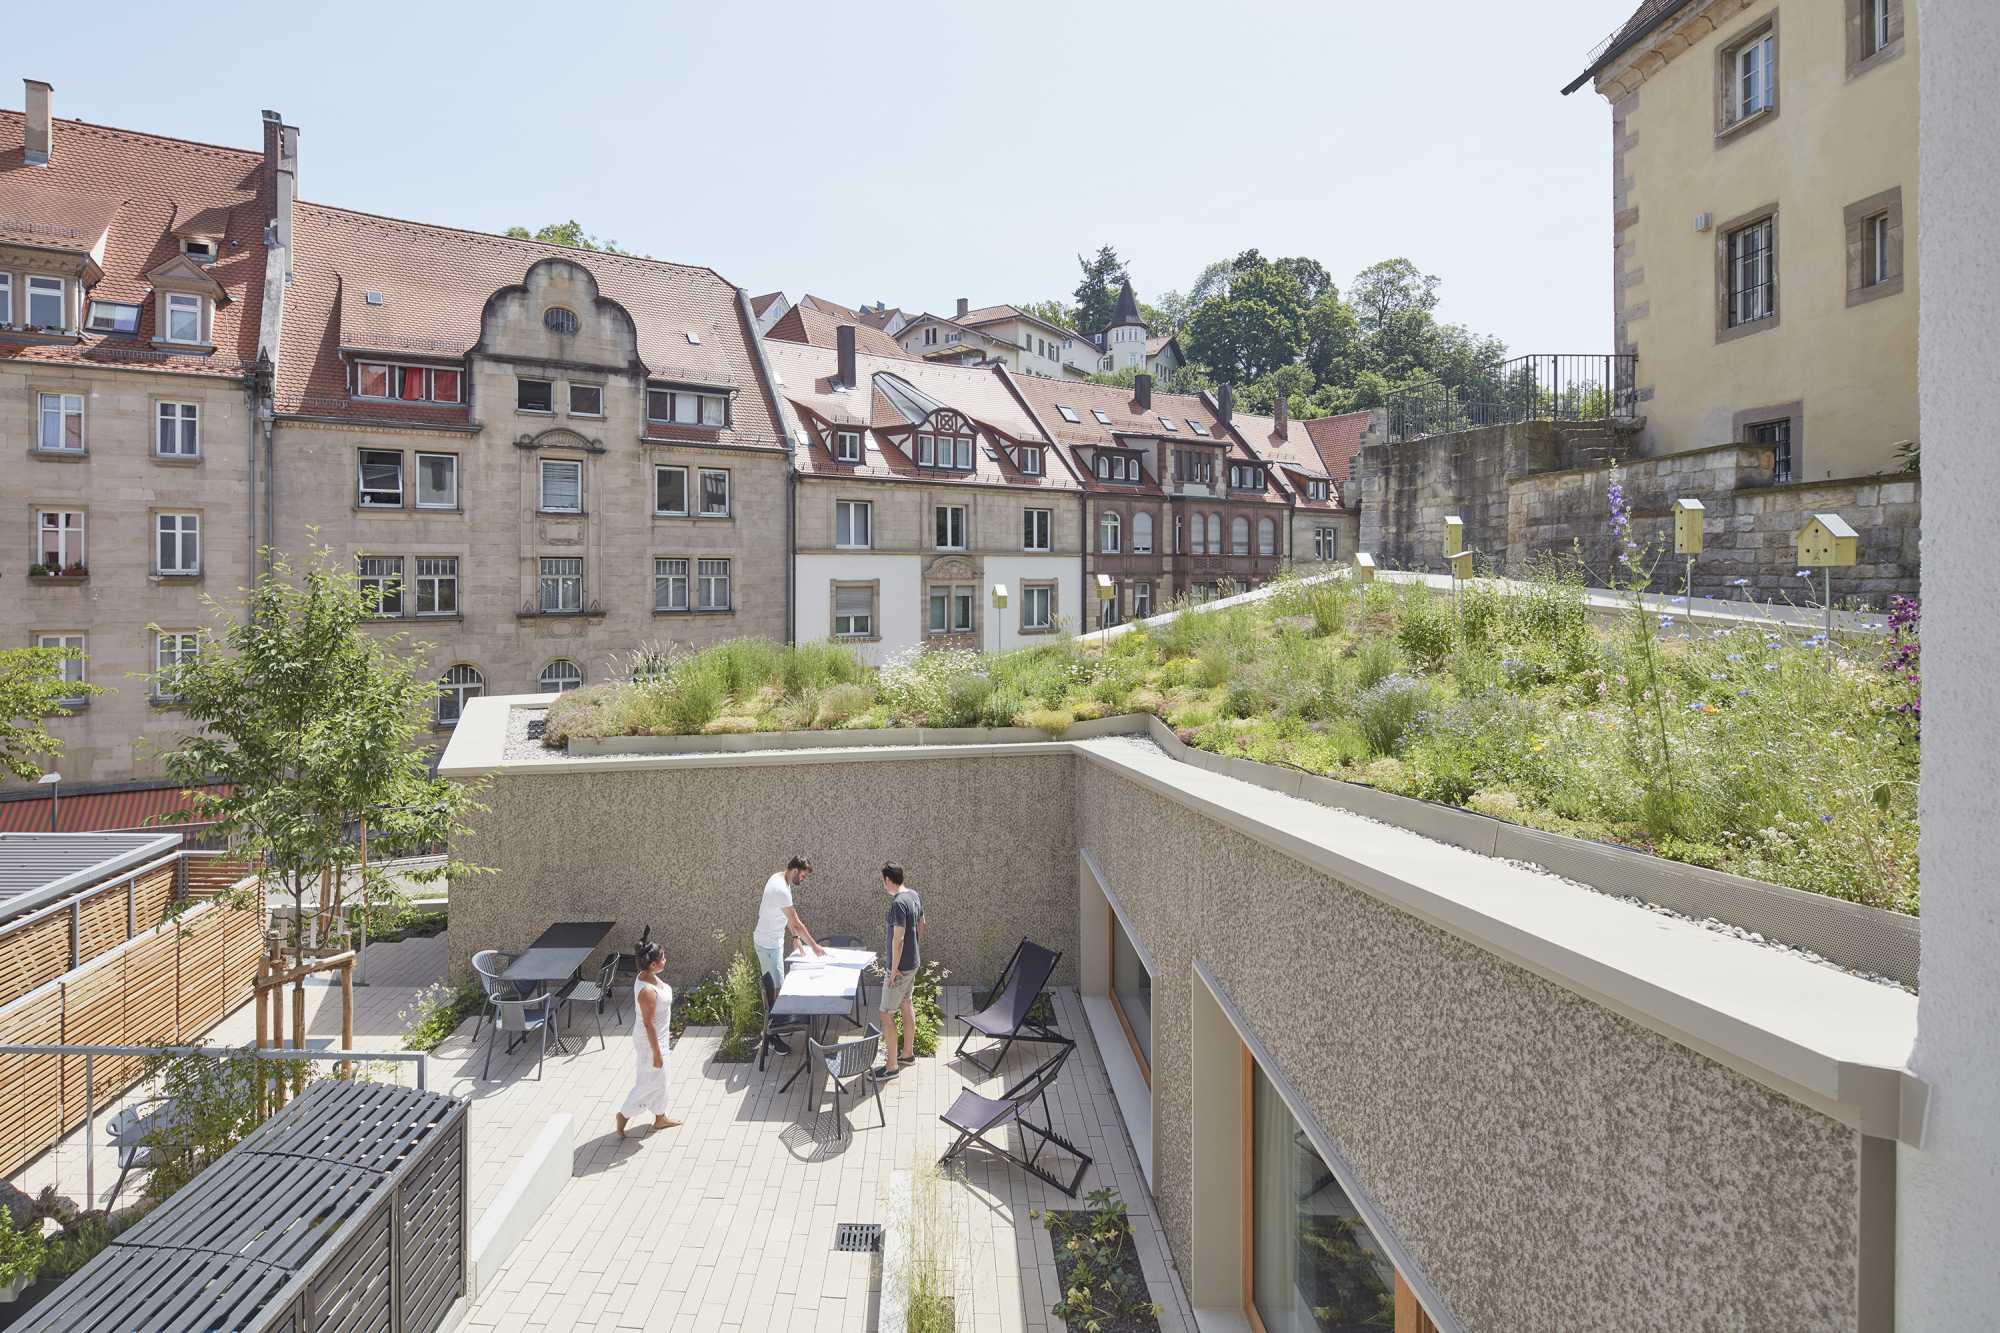 Unser Bürogarten ist fertig gestellt und lädt zum sommerlichen Aufenthalt ein ({project_images:field_row_count})